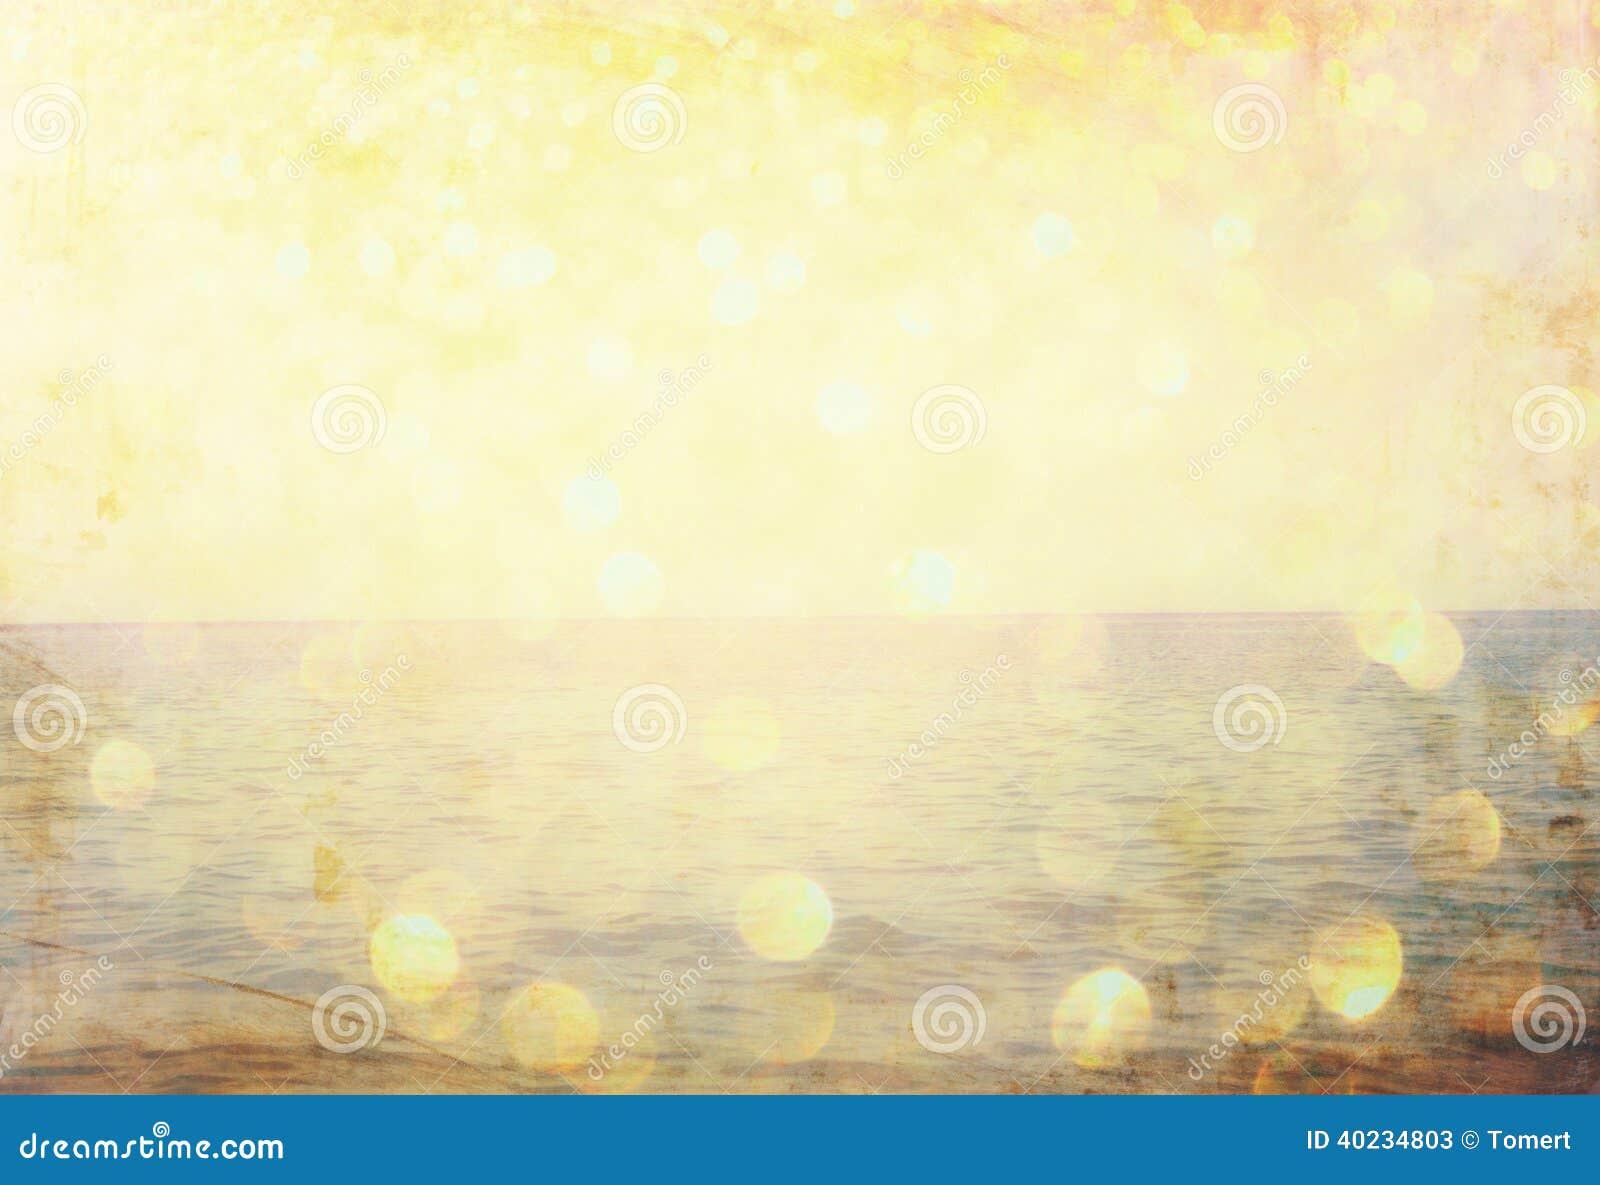 Słowa lato pisać na plażowych piaska i gliiter złotych światłach